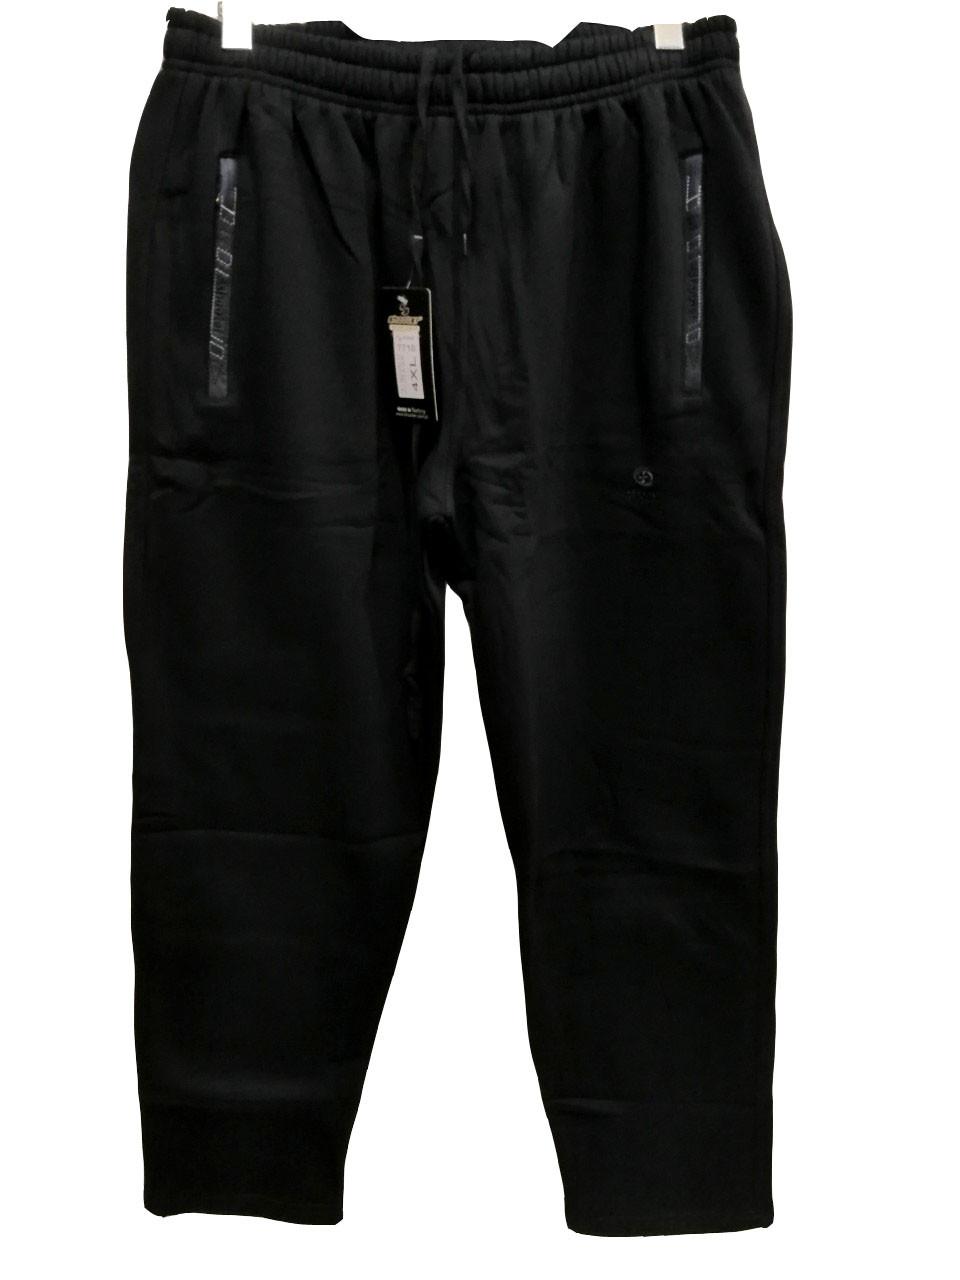 Брюки теплые Shooter батал 7710 зимние мужские спортивные штаны Шутер большого размера Черный